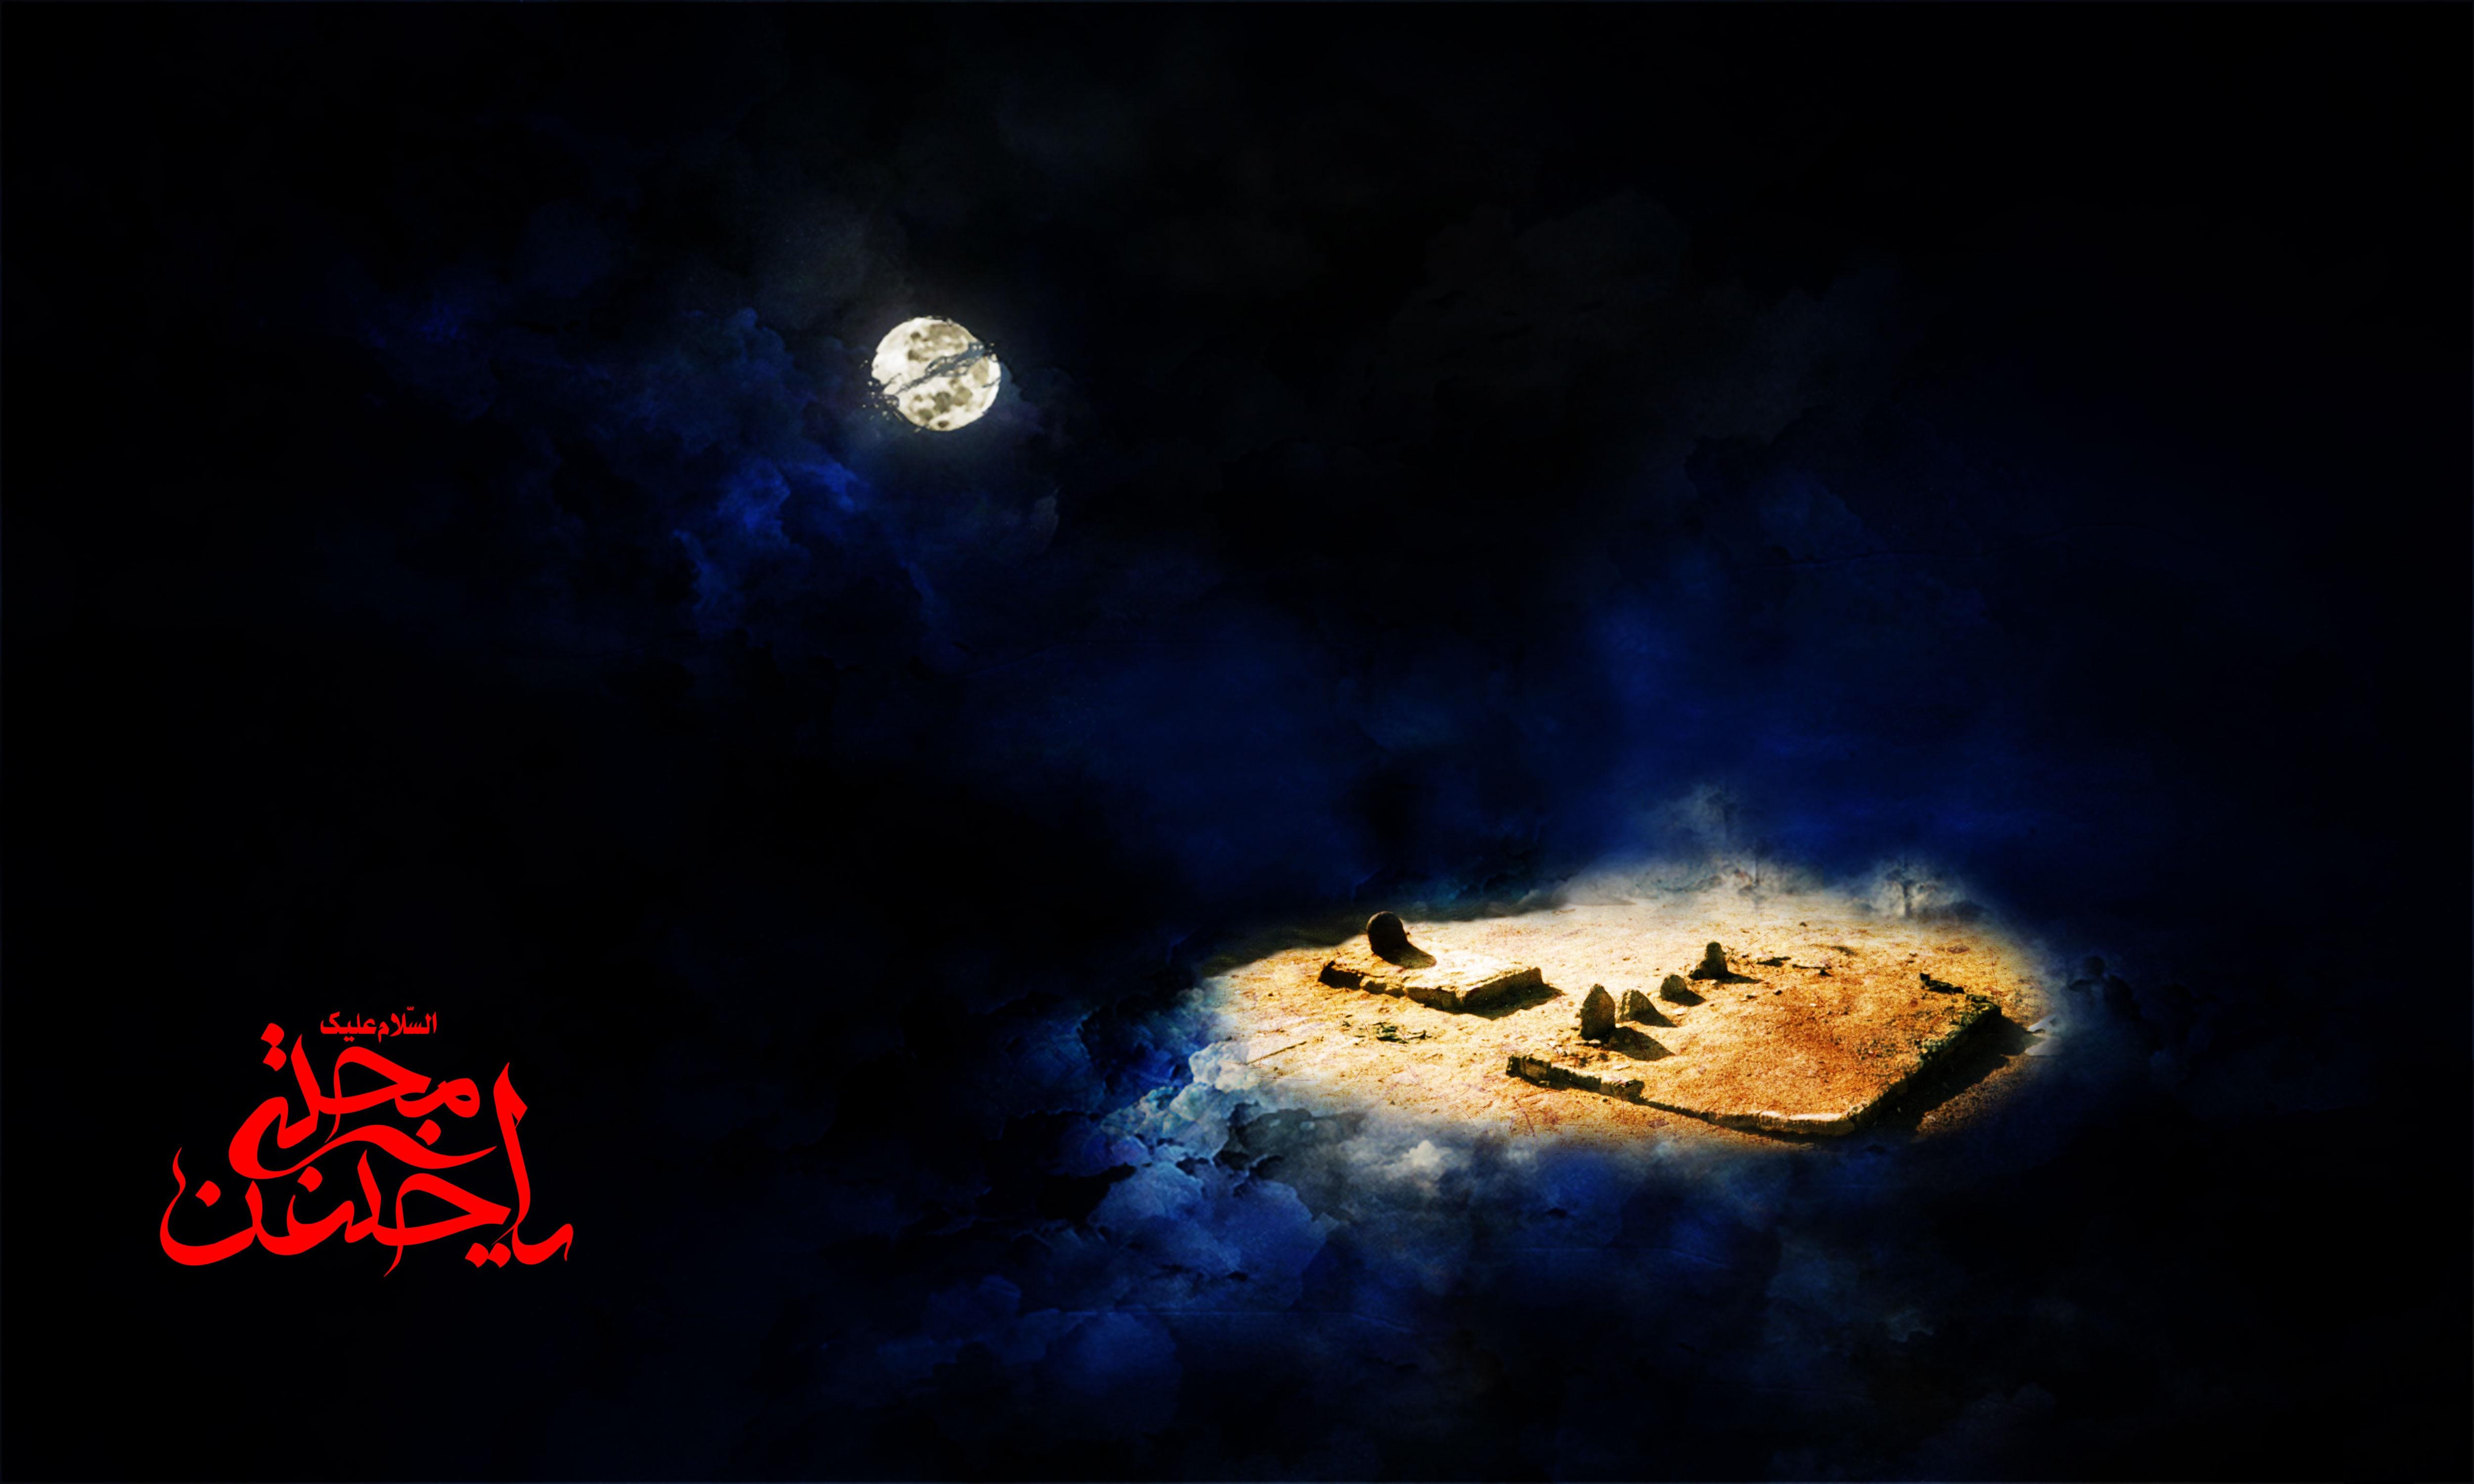 زیباترین حکایتها درباره امام حسن (ع)